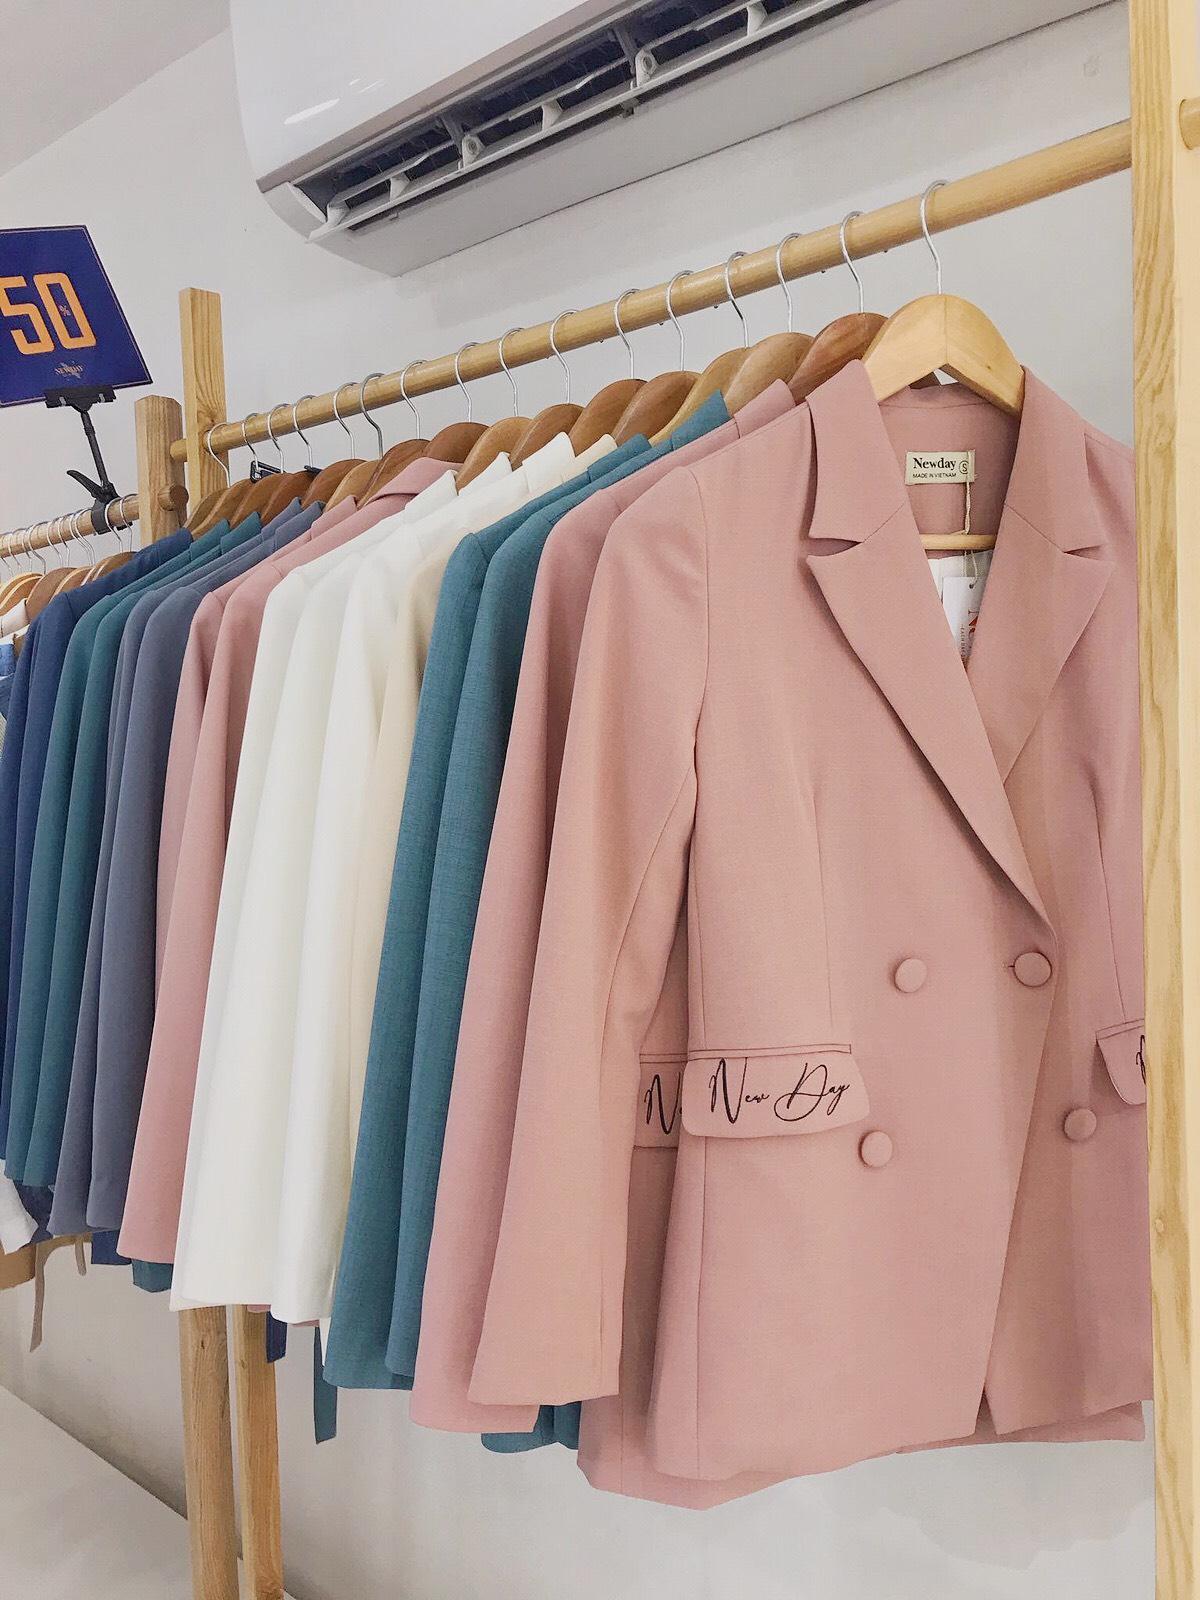 Từ kinh nghiệm của tín đồ shopping: Có những kiểu trang phục bạn tuyệt đối không được mua hàng online - Ảnh 2.